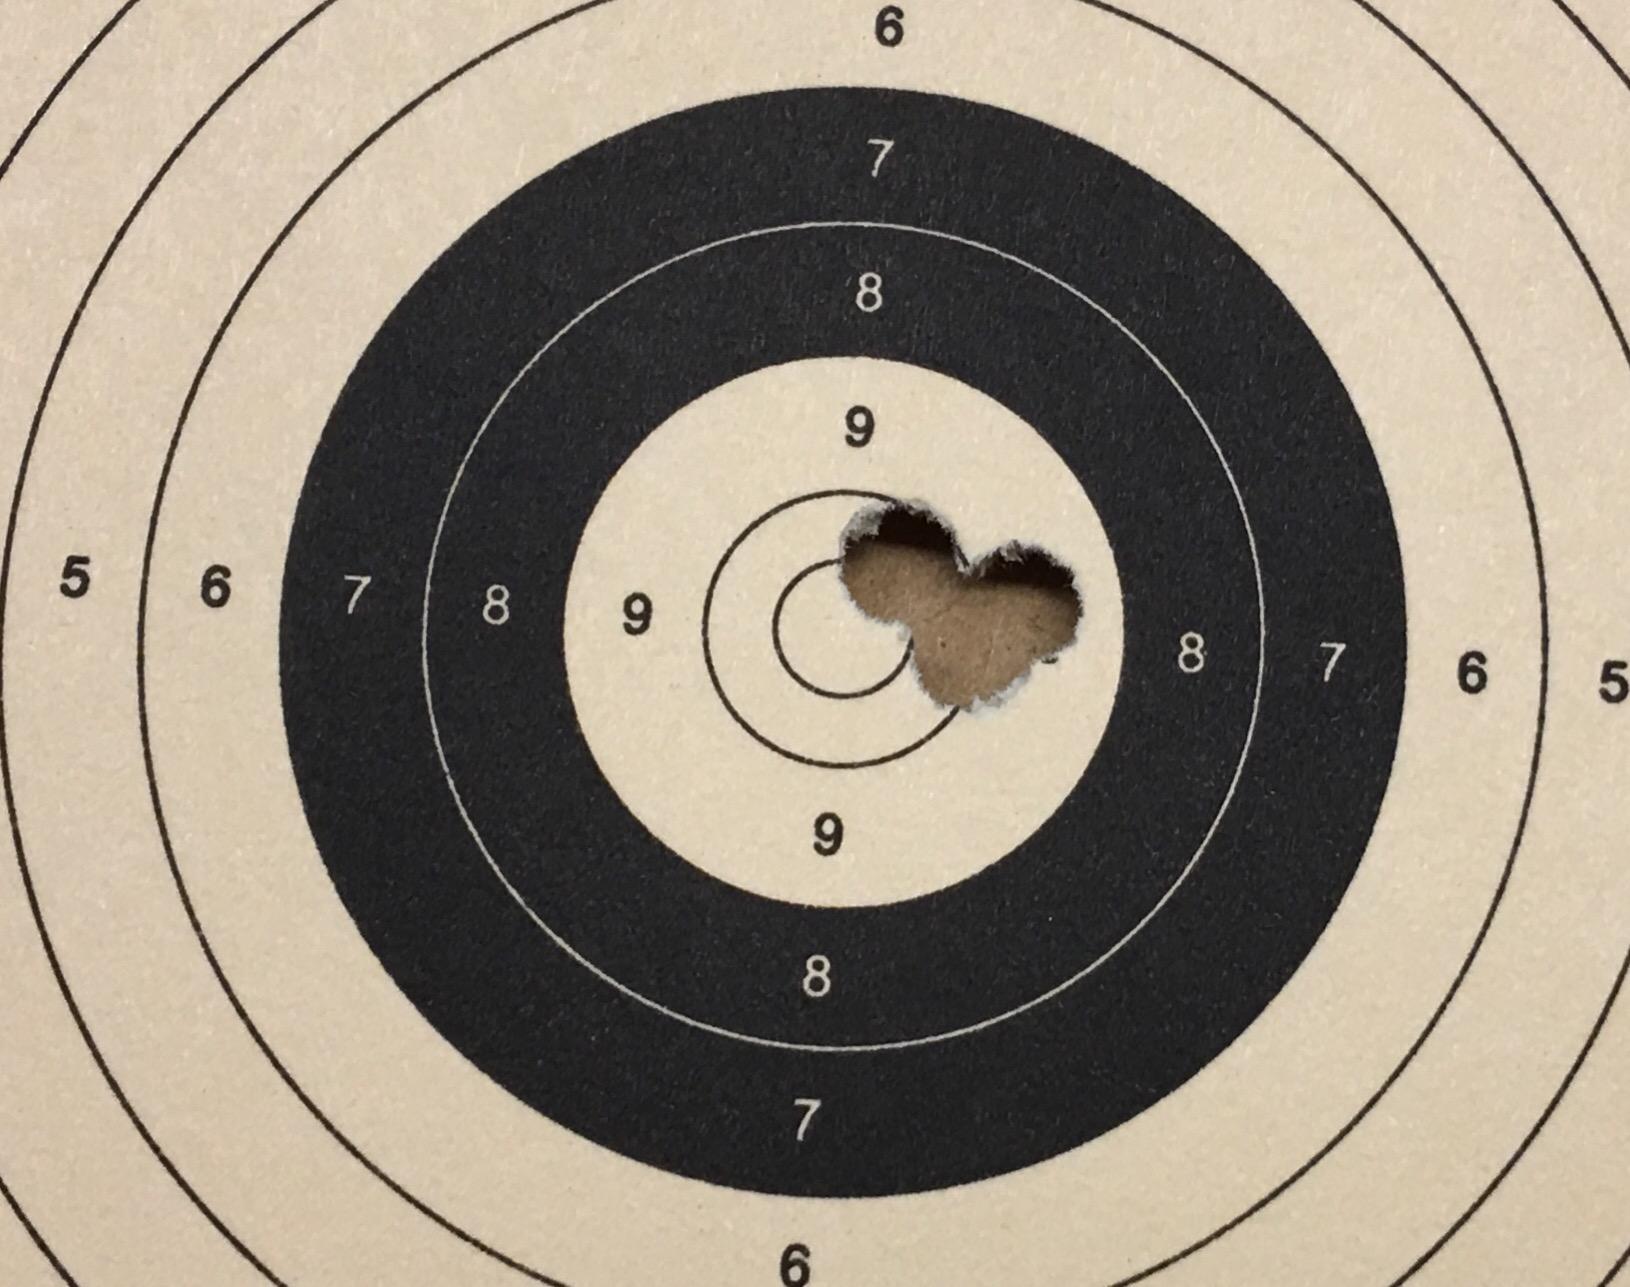 Dies ist mein Trefferbild mit einem <a href=1160395.htm>Luftgewehr HW 30</a> auf Distanz 12 m mit diesen Geschossen der Marke Geco.